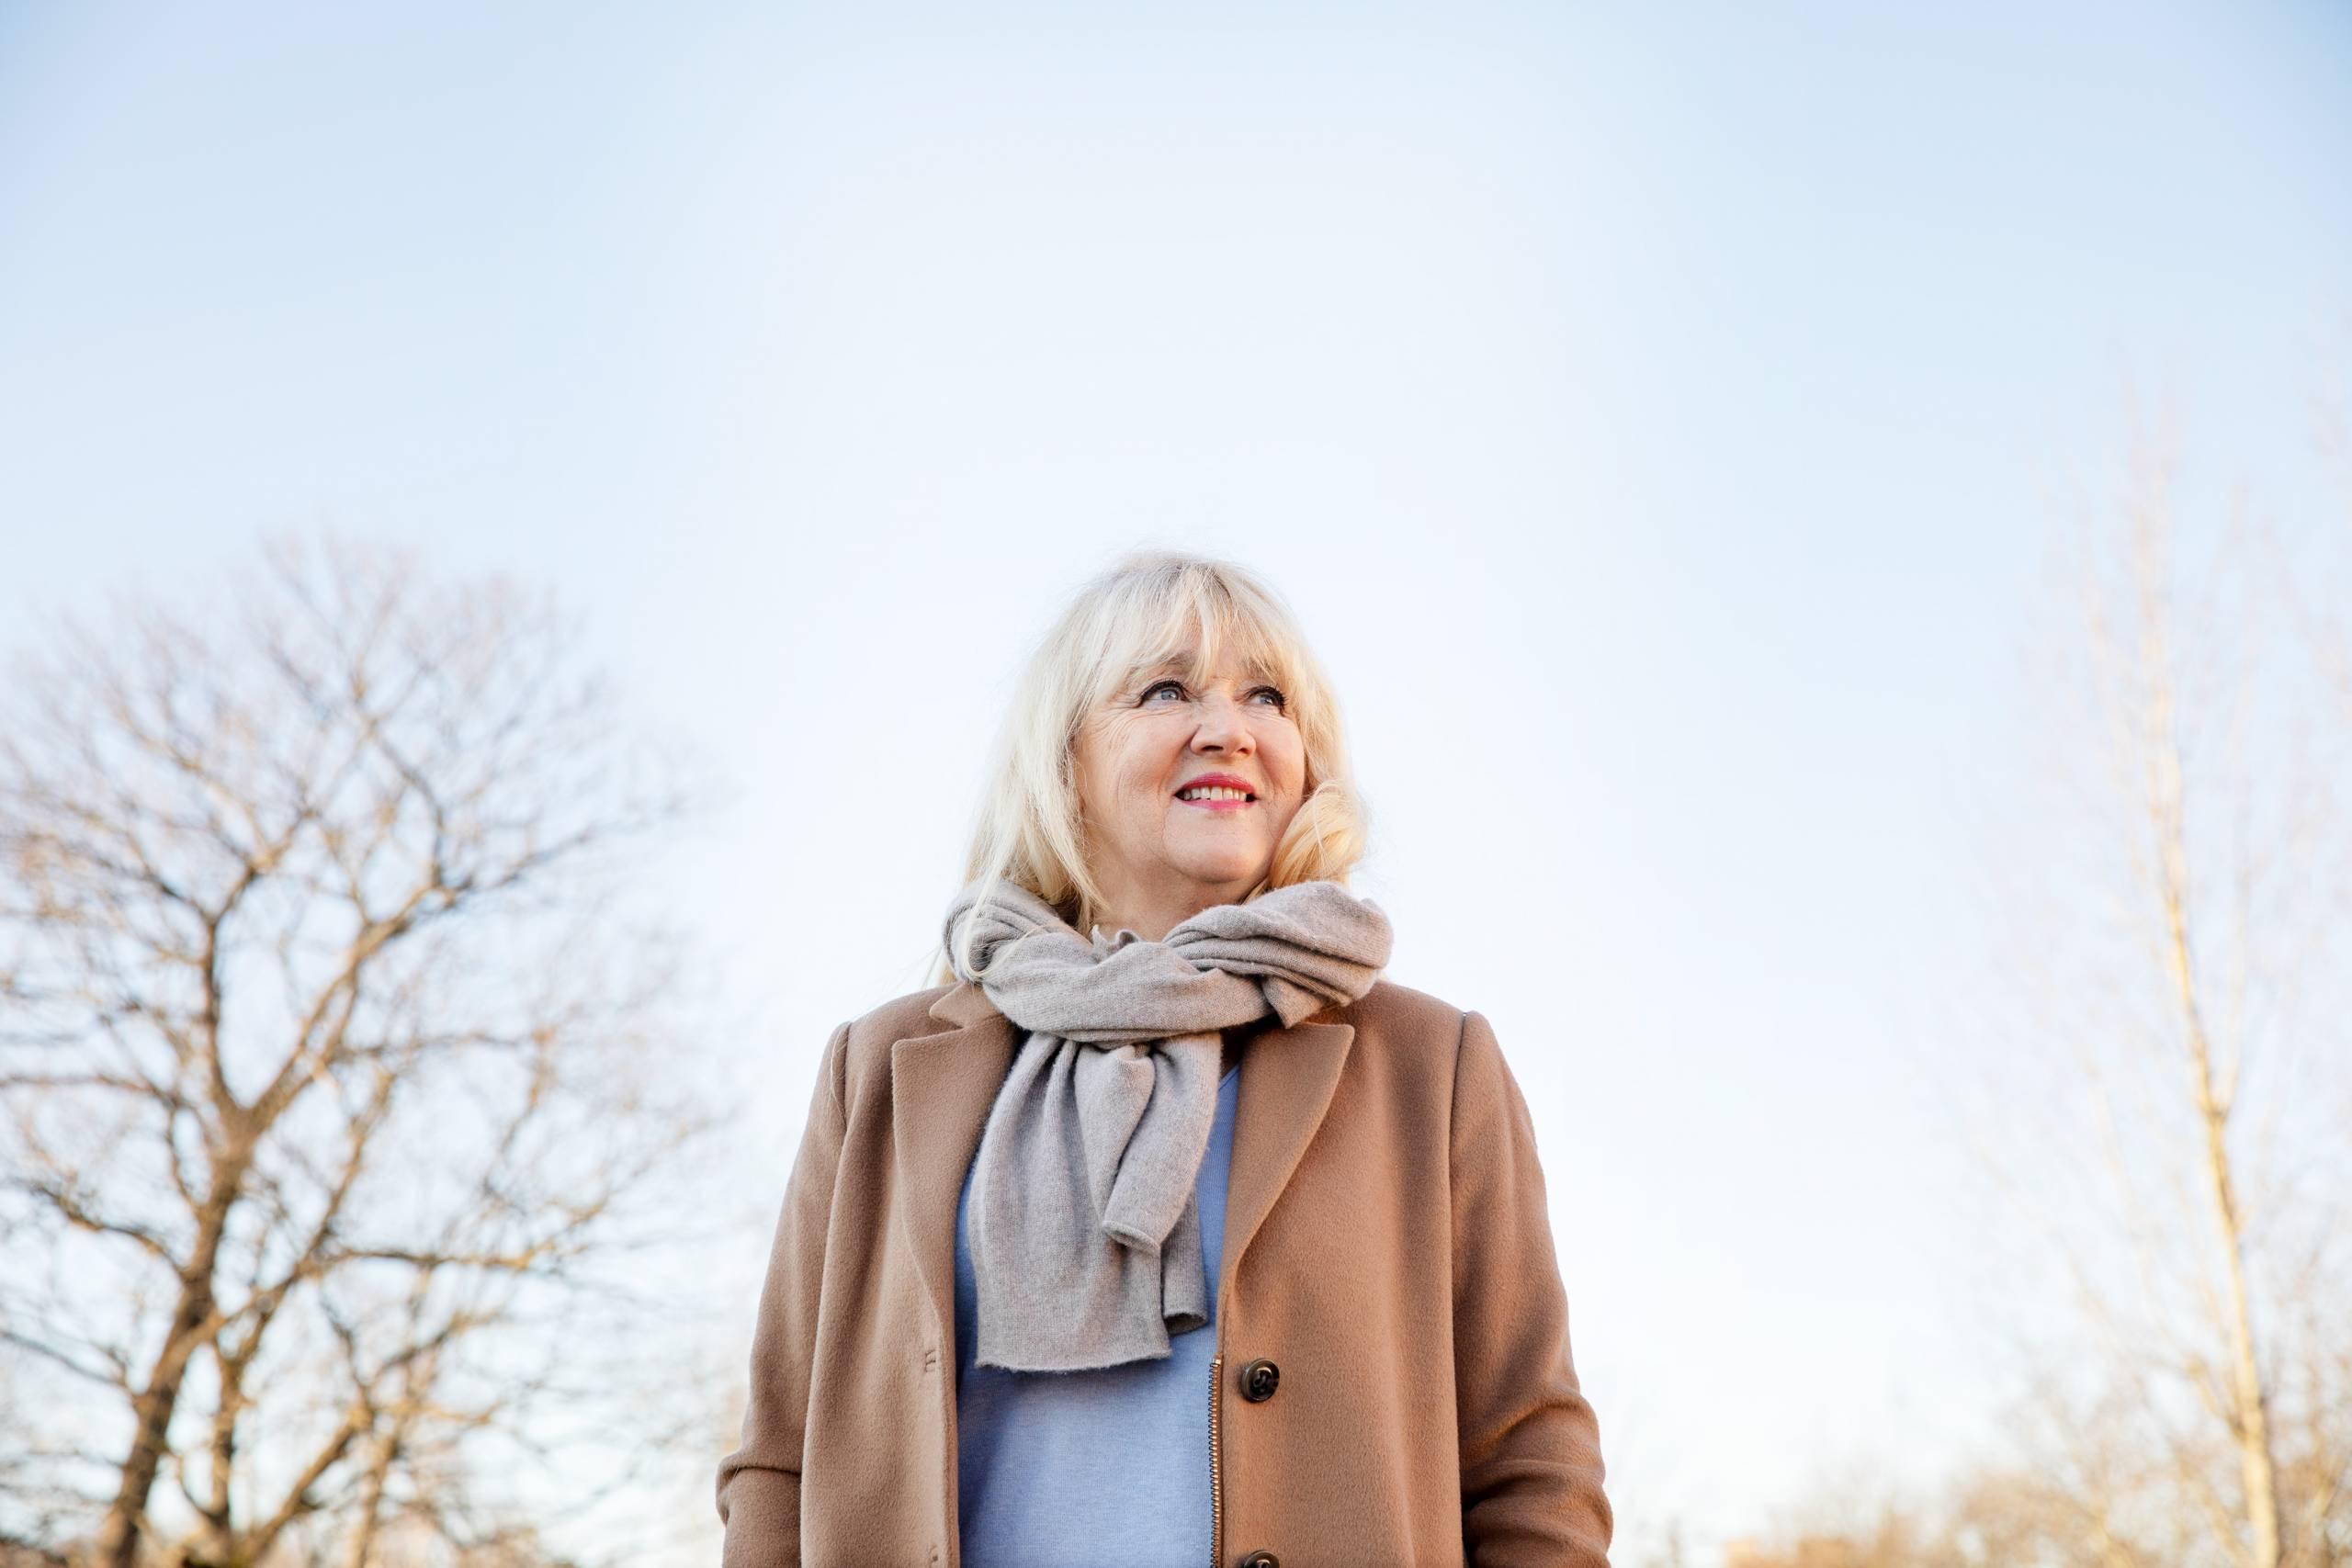 Näyttelijä Jaana Saarinen seisoo ulkona. Taustalla näkyy puita.